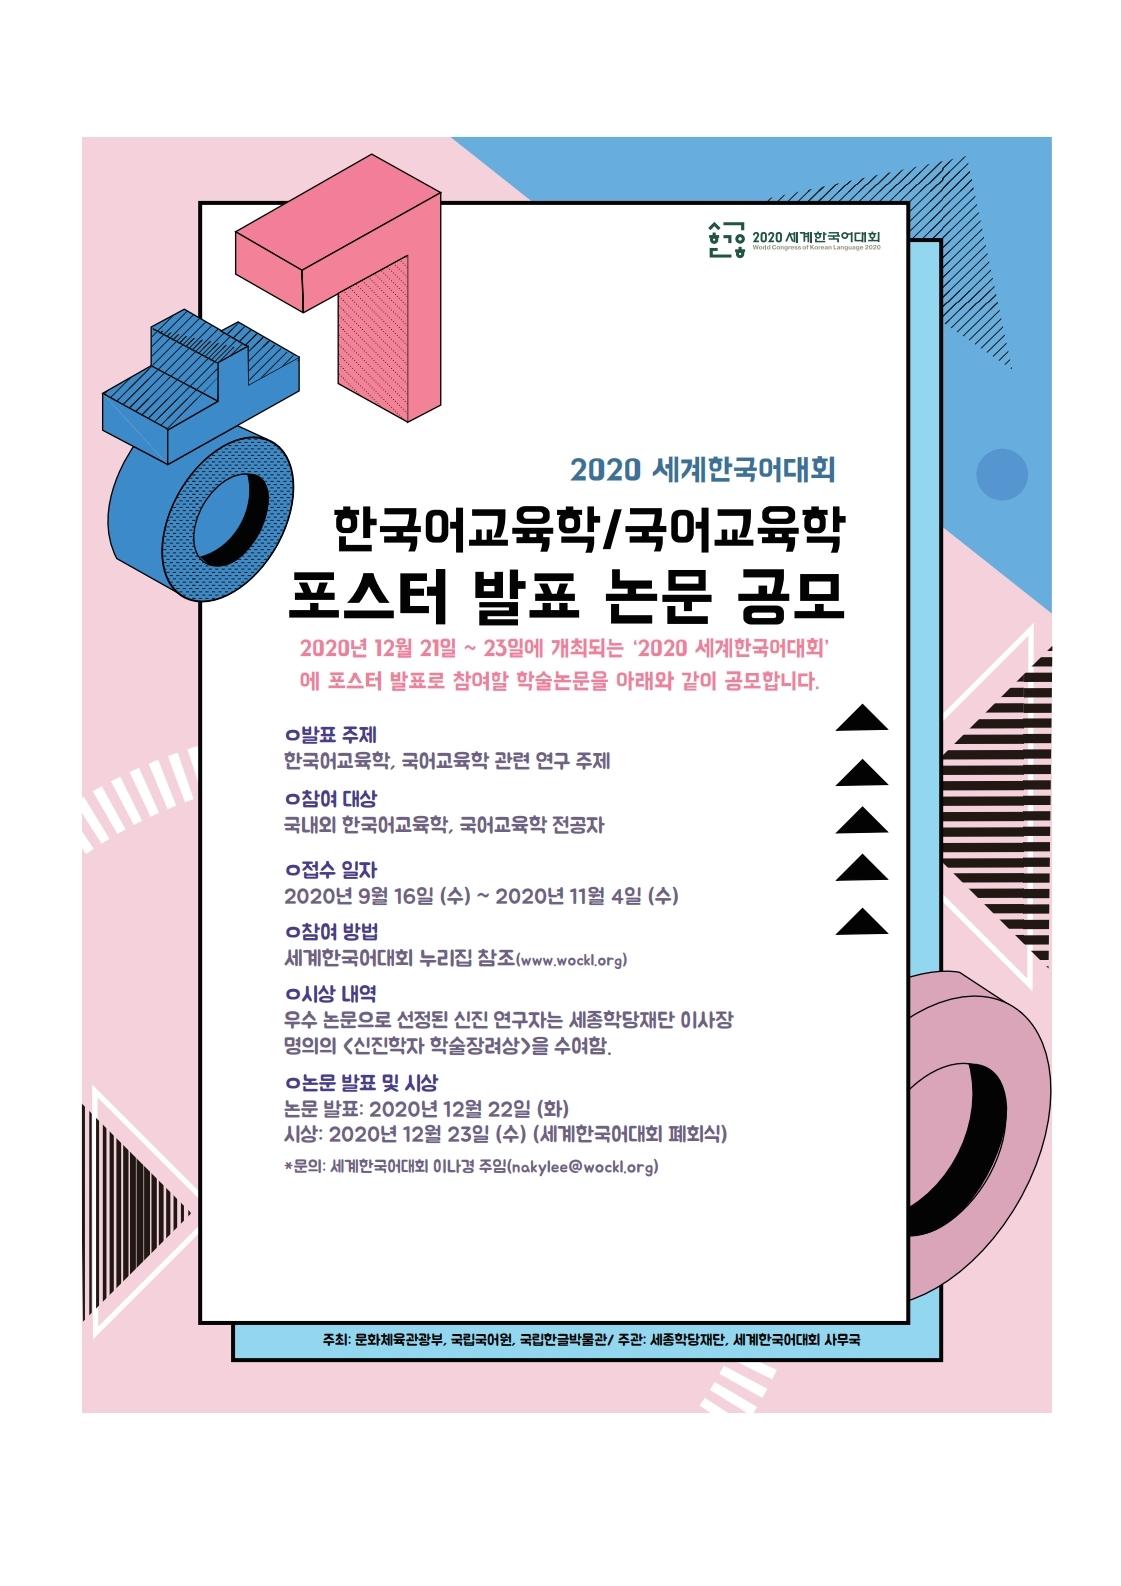 2020 세계한국어대회 『2분과 한국어교육학/국어교육학 포스터 발표 논문』 ※공모기간 연장 안내※